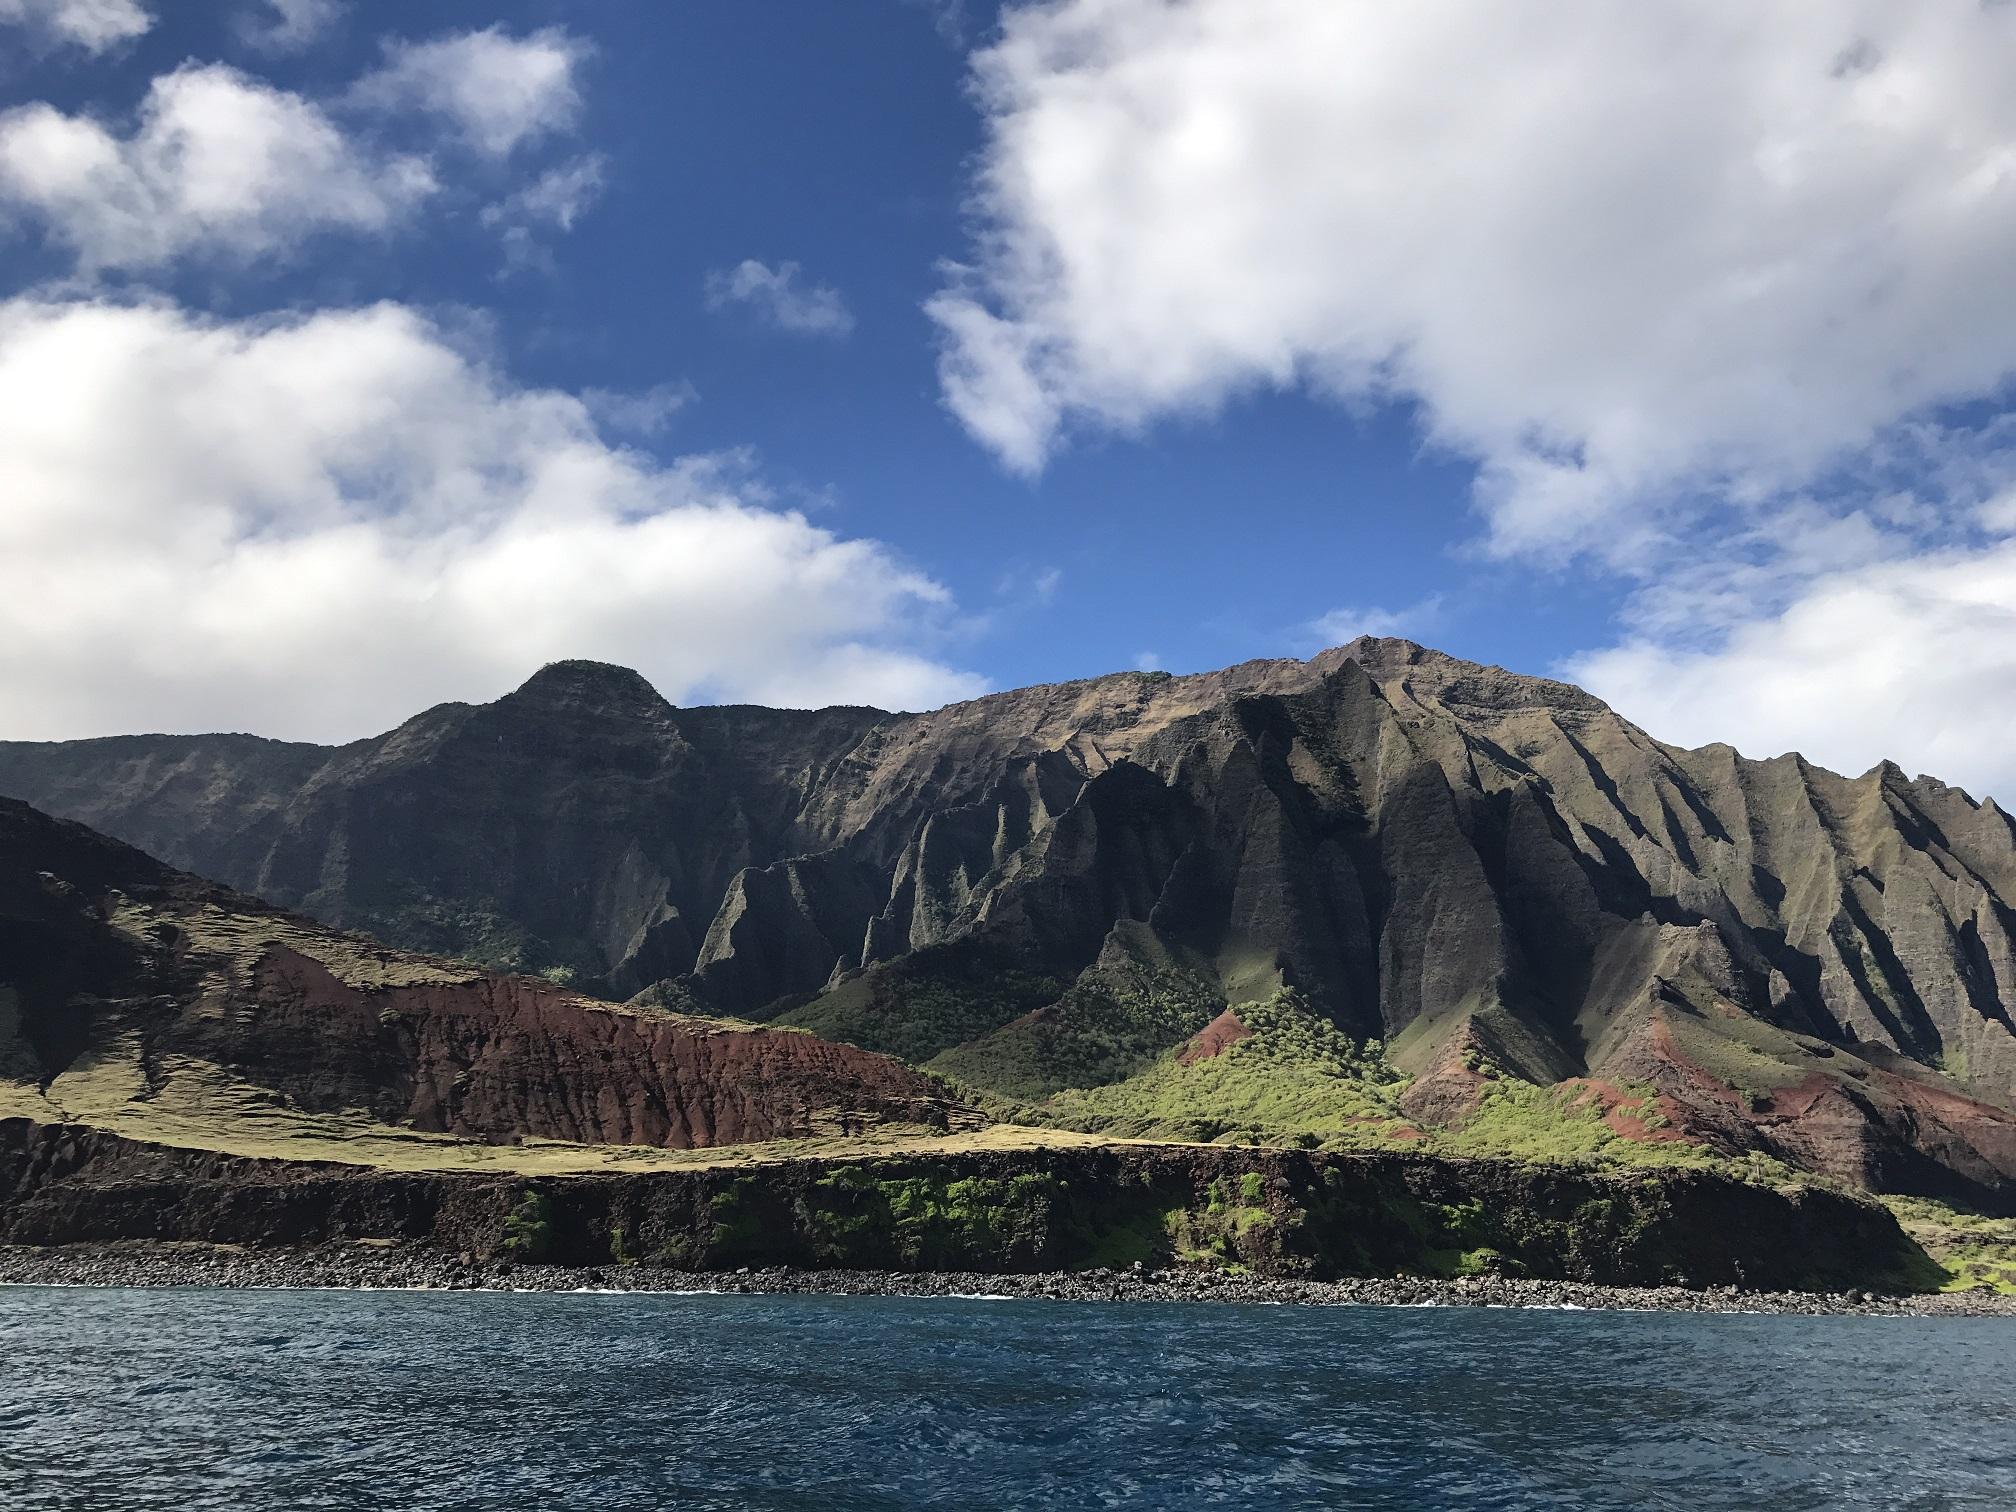 Vue de la Na Pali Coast depuis la mer